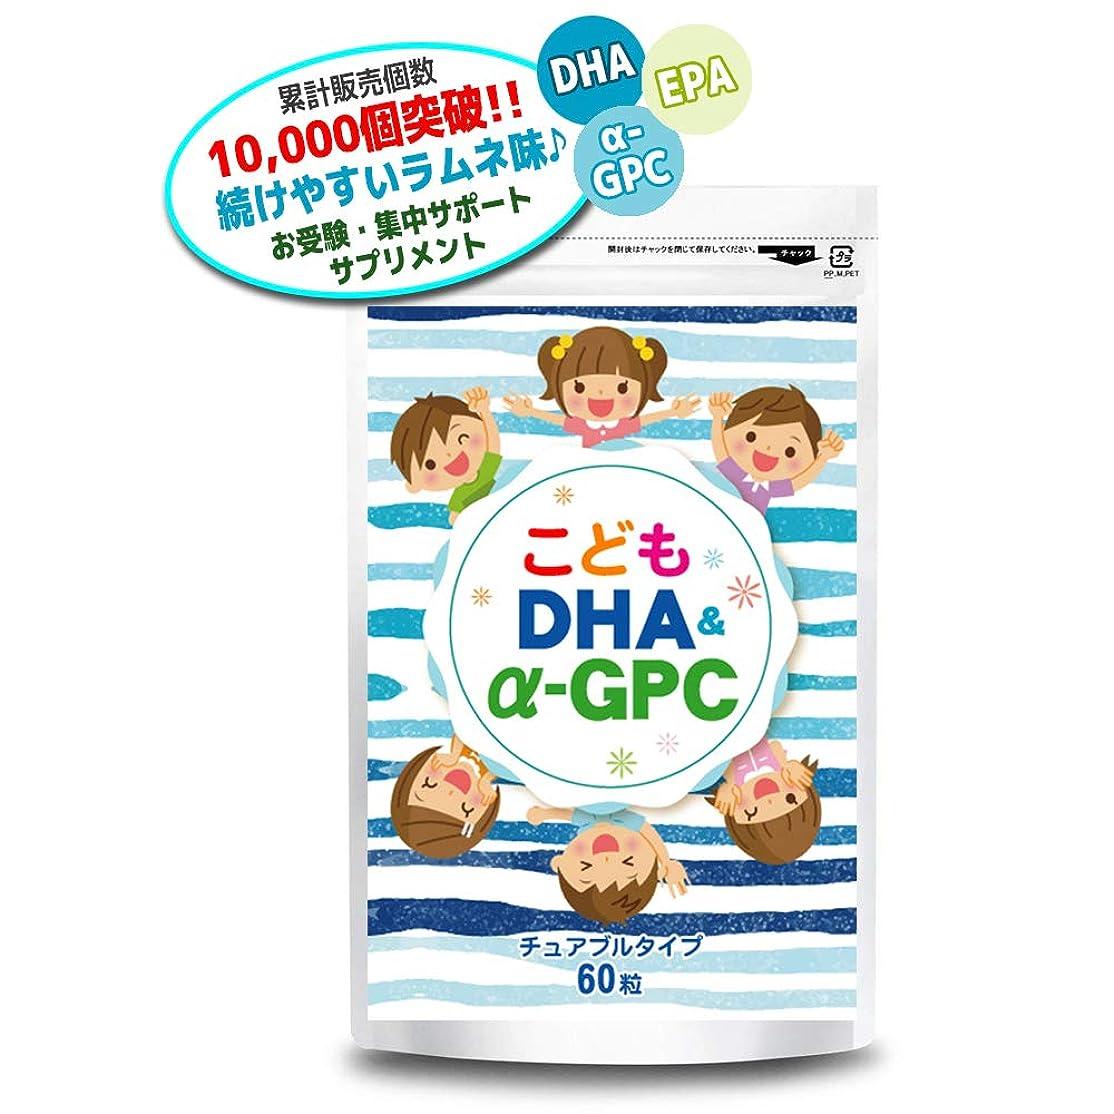 アラーム不足侵入こども DHA&α-GPC DHA EPA α-GPC ホスファチジルセリン 配合 【集中?学習特化型サプリメント】 60粒約30日分